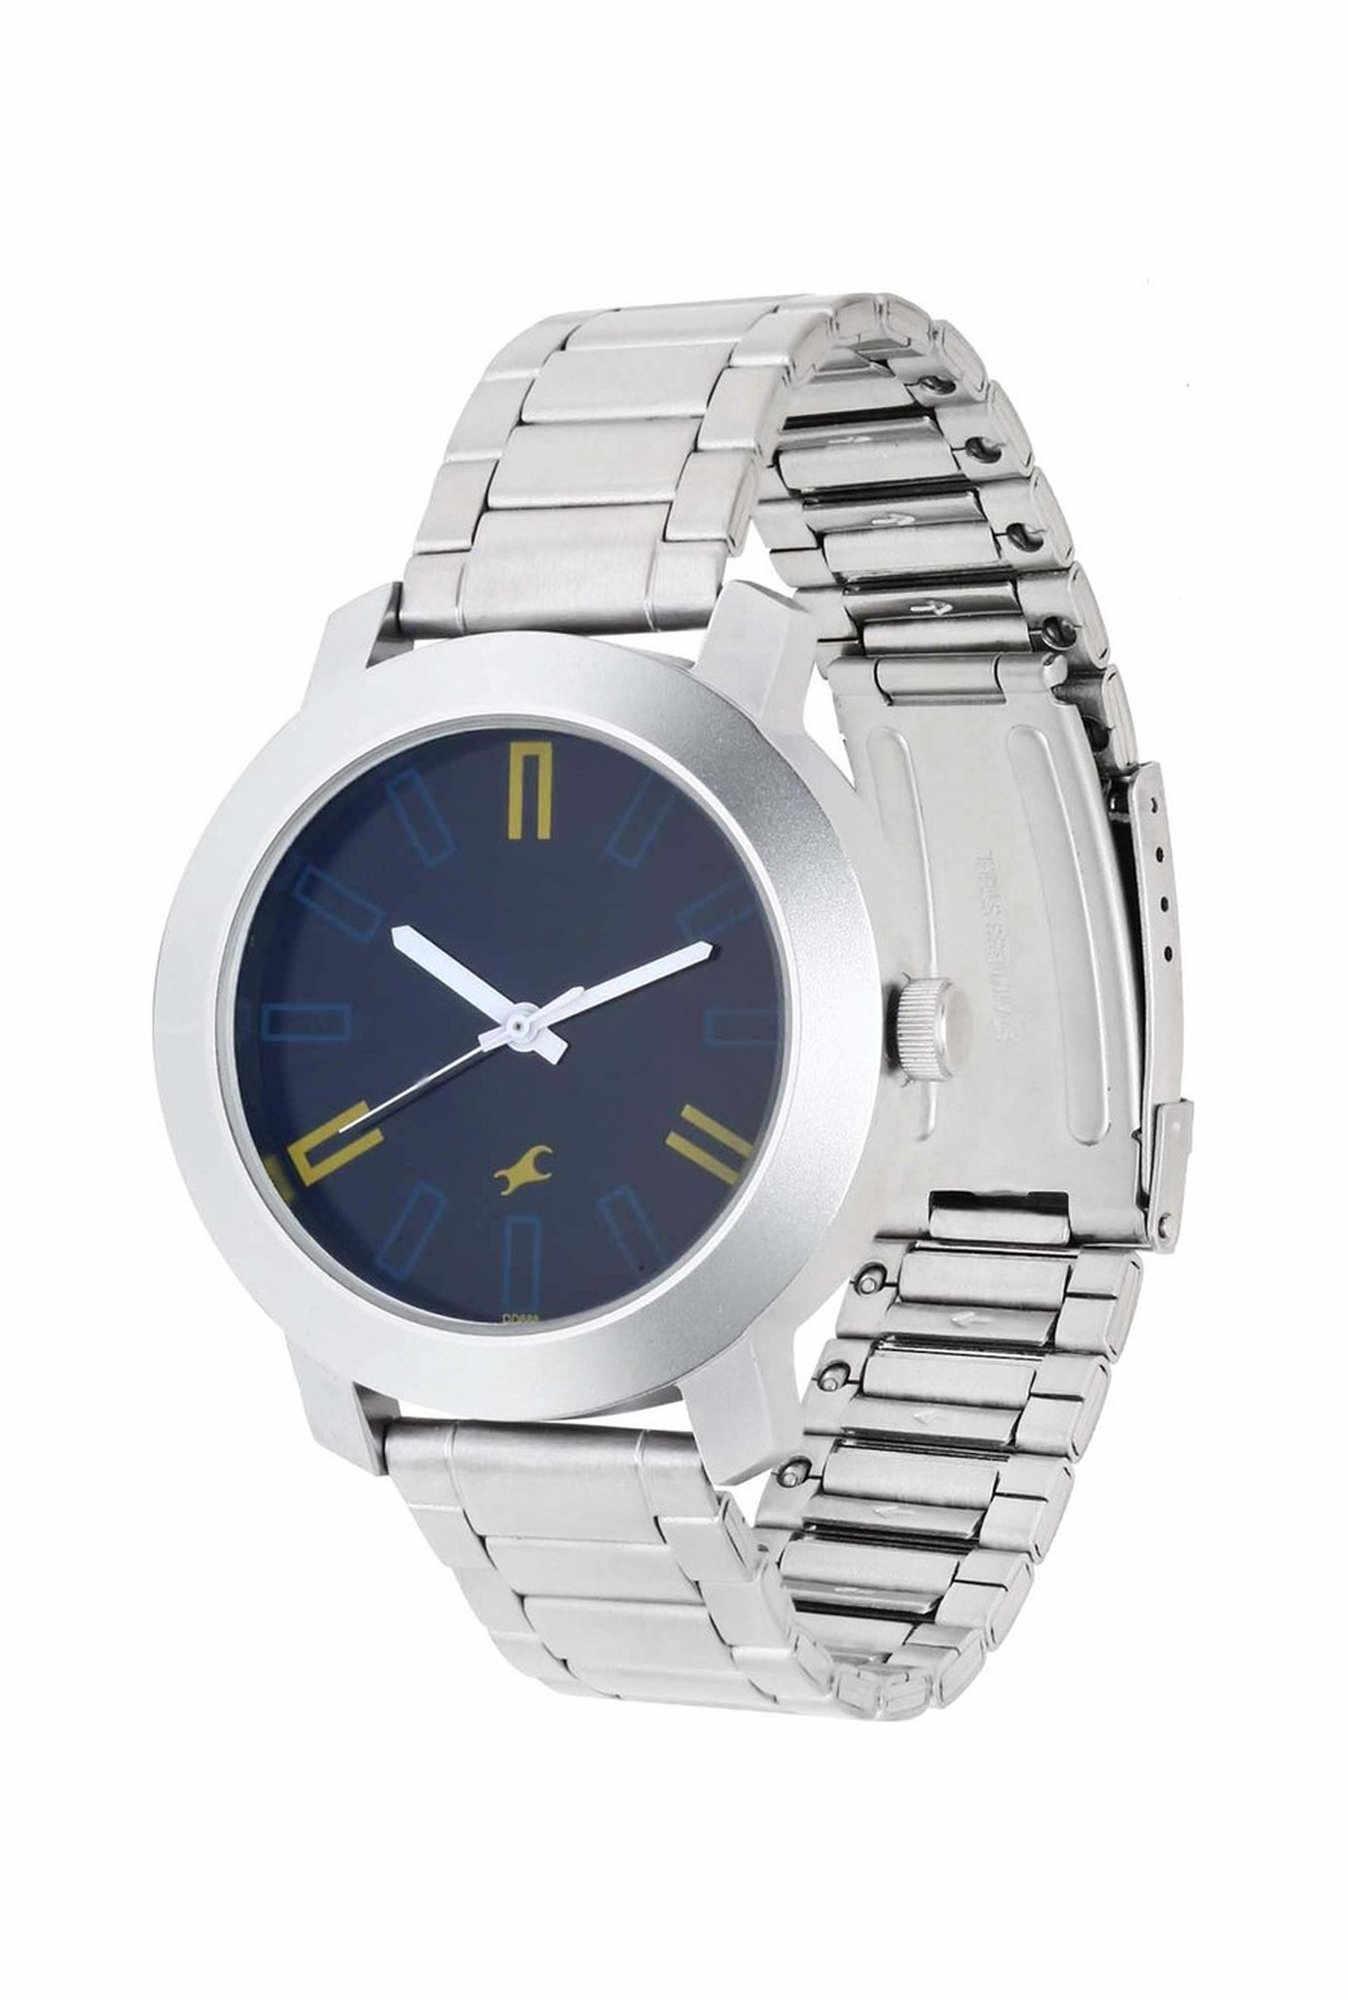 Fastrack NG3120SM02 Casual Analog Navy Blue Dial Men's Watch (NG3120SM02)